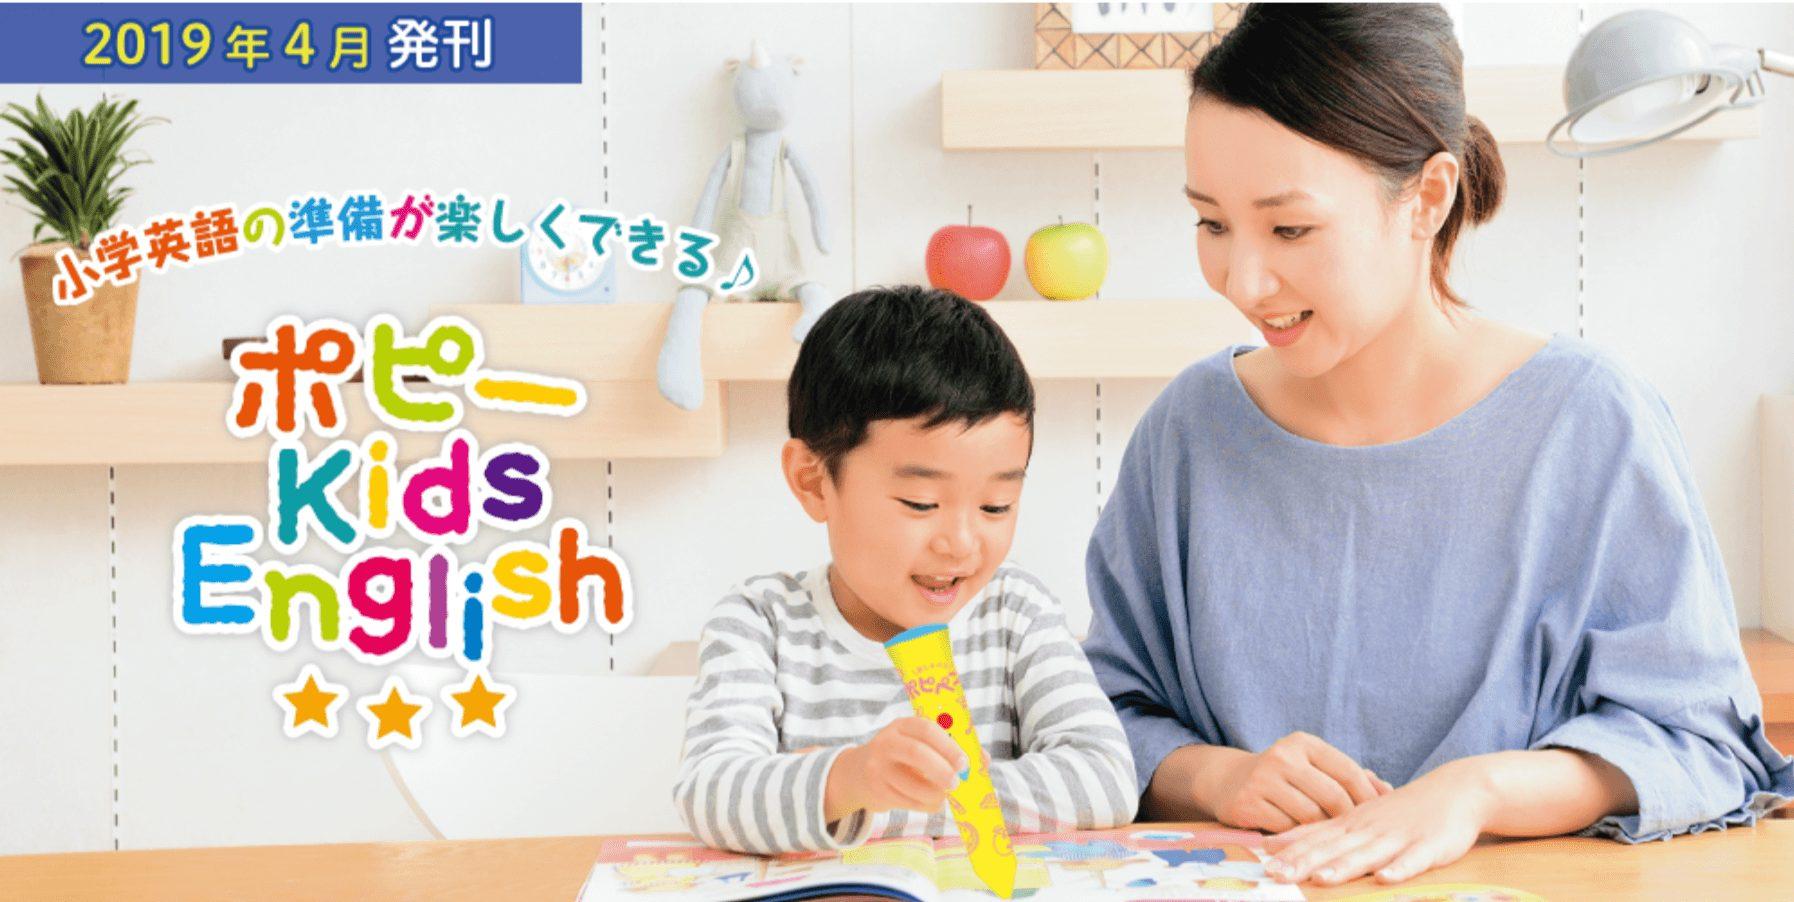 ポピー Kids English【ポピー】